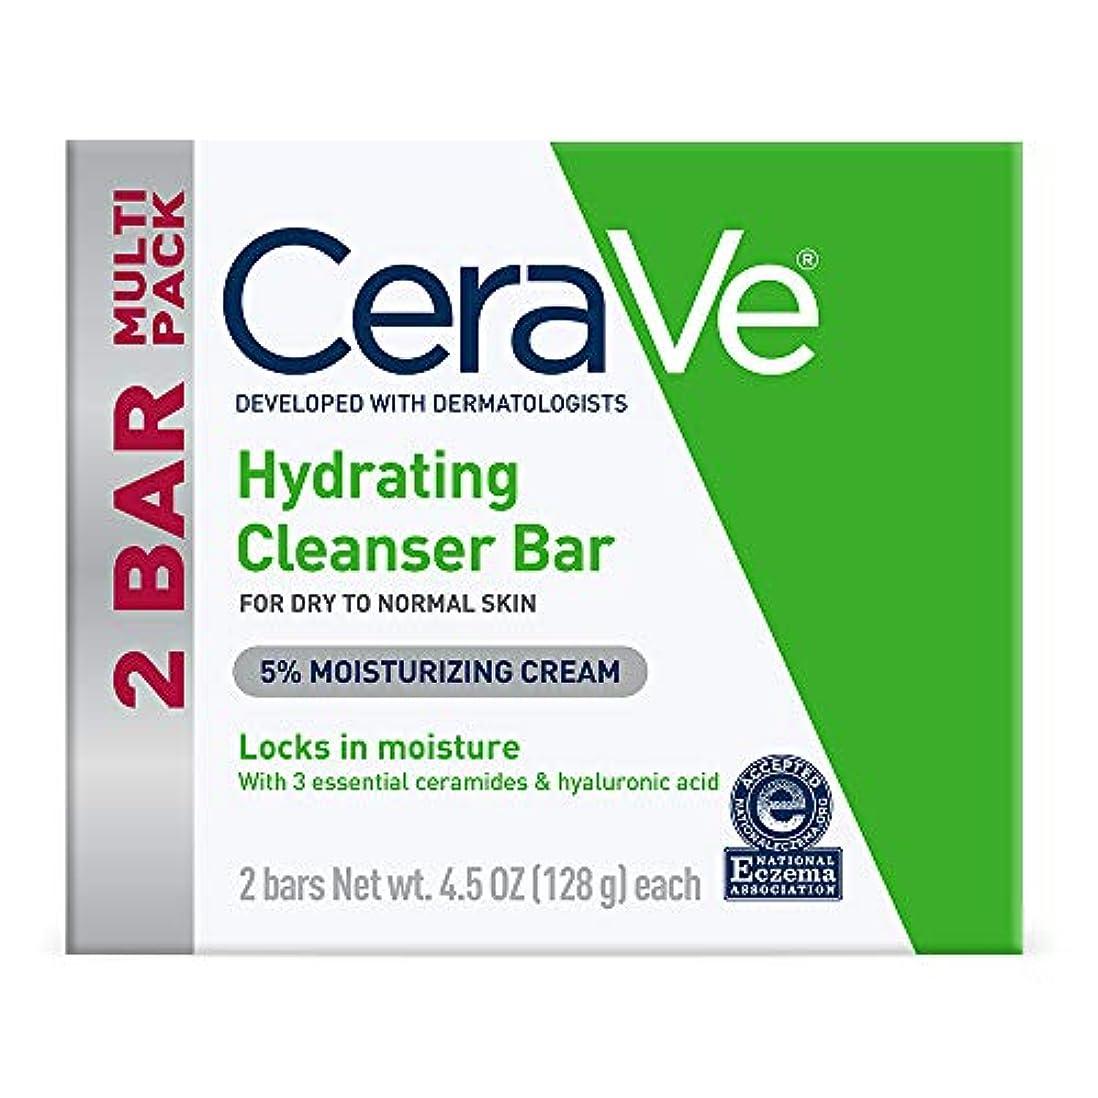 チップ名前でモディッシュセラヴィ ハイドレイティングクレンジングバー ノーマル?ドライスキン用 2パック CeraVe Hydrating Cleansing Bar for Normal to Dry Skin - 4.5oz - 2ct